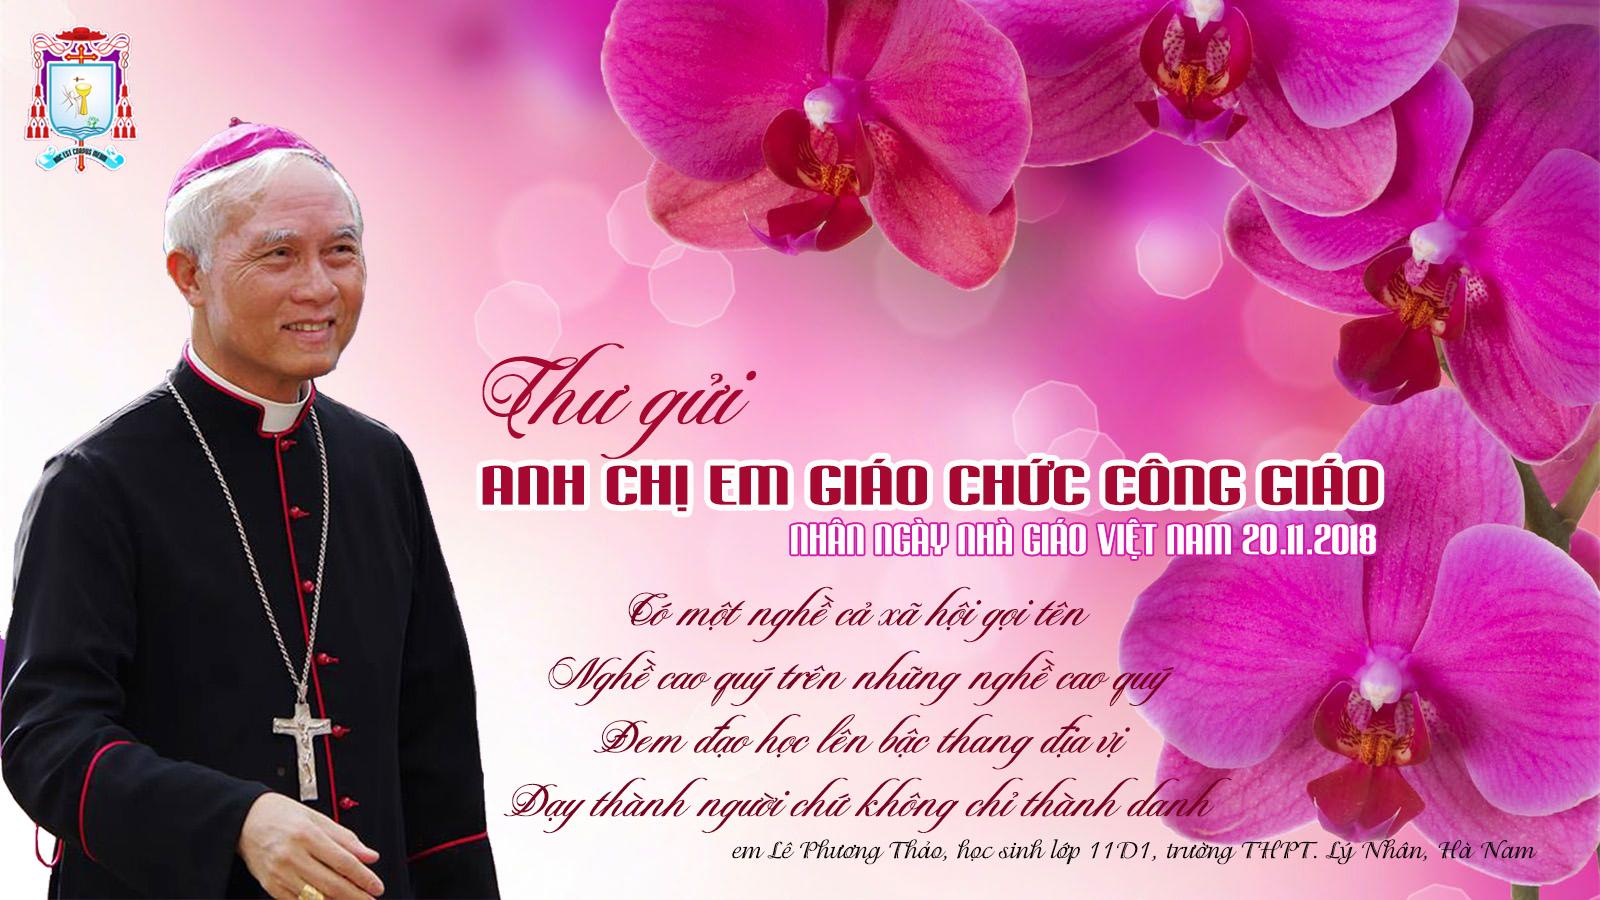 Ủy ban Giáo dục gửi thư nhân ngày Nhà giáo Việt Nam 20/11/2018